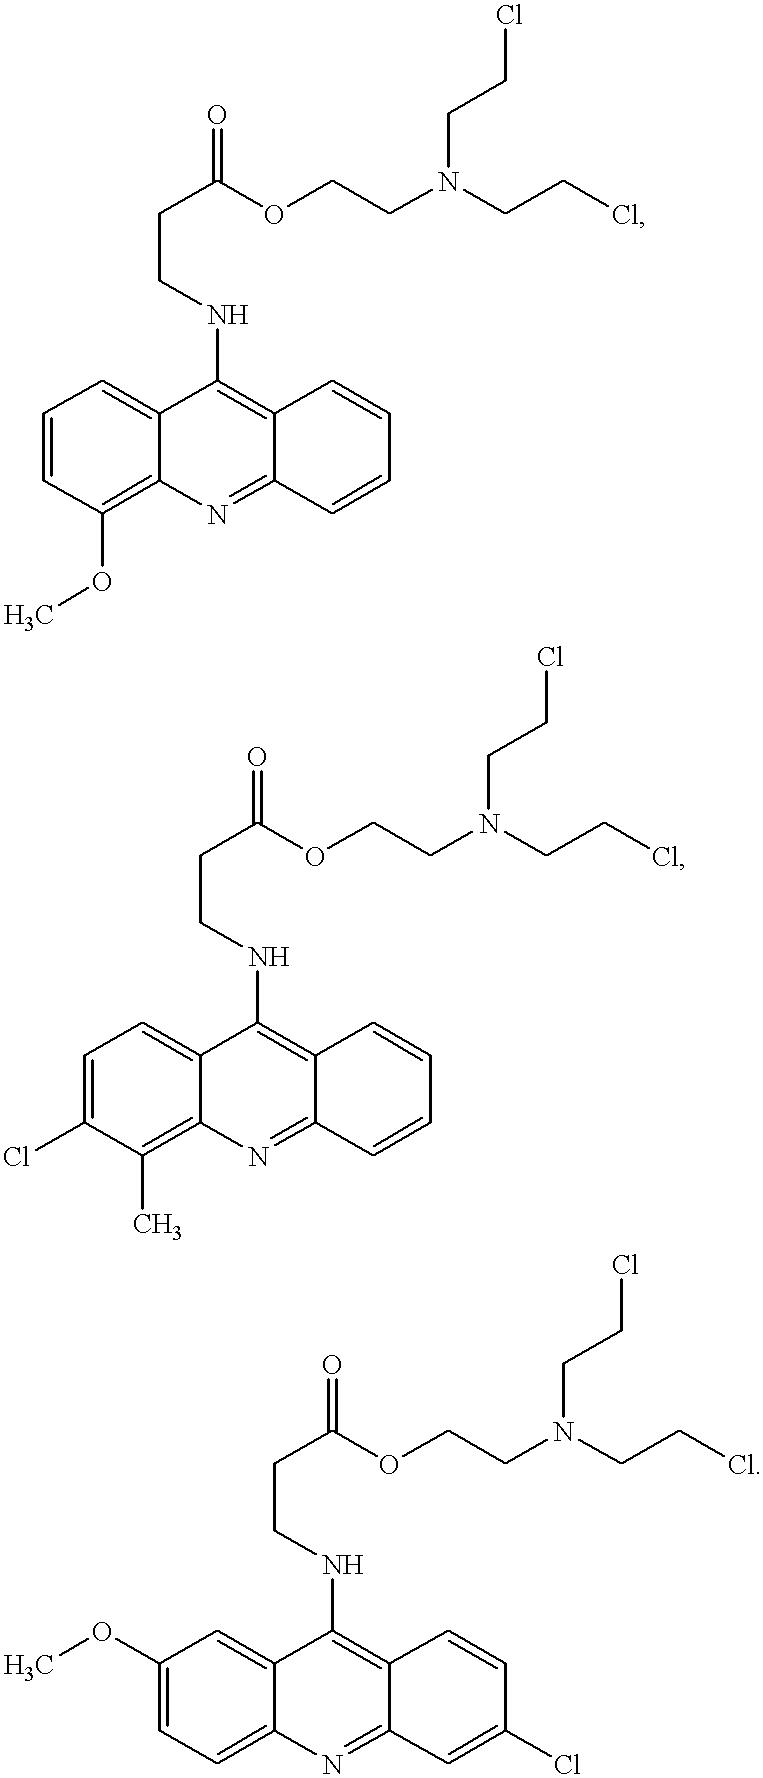 Figure US06281225-20010828-C00004